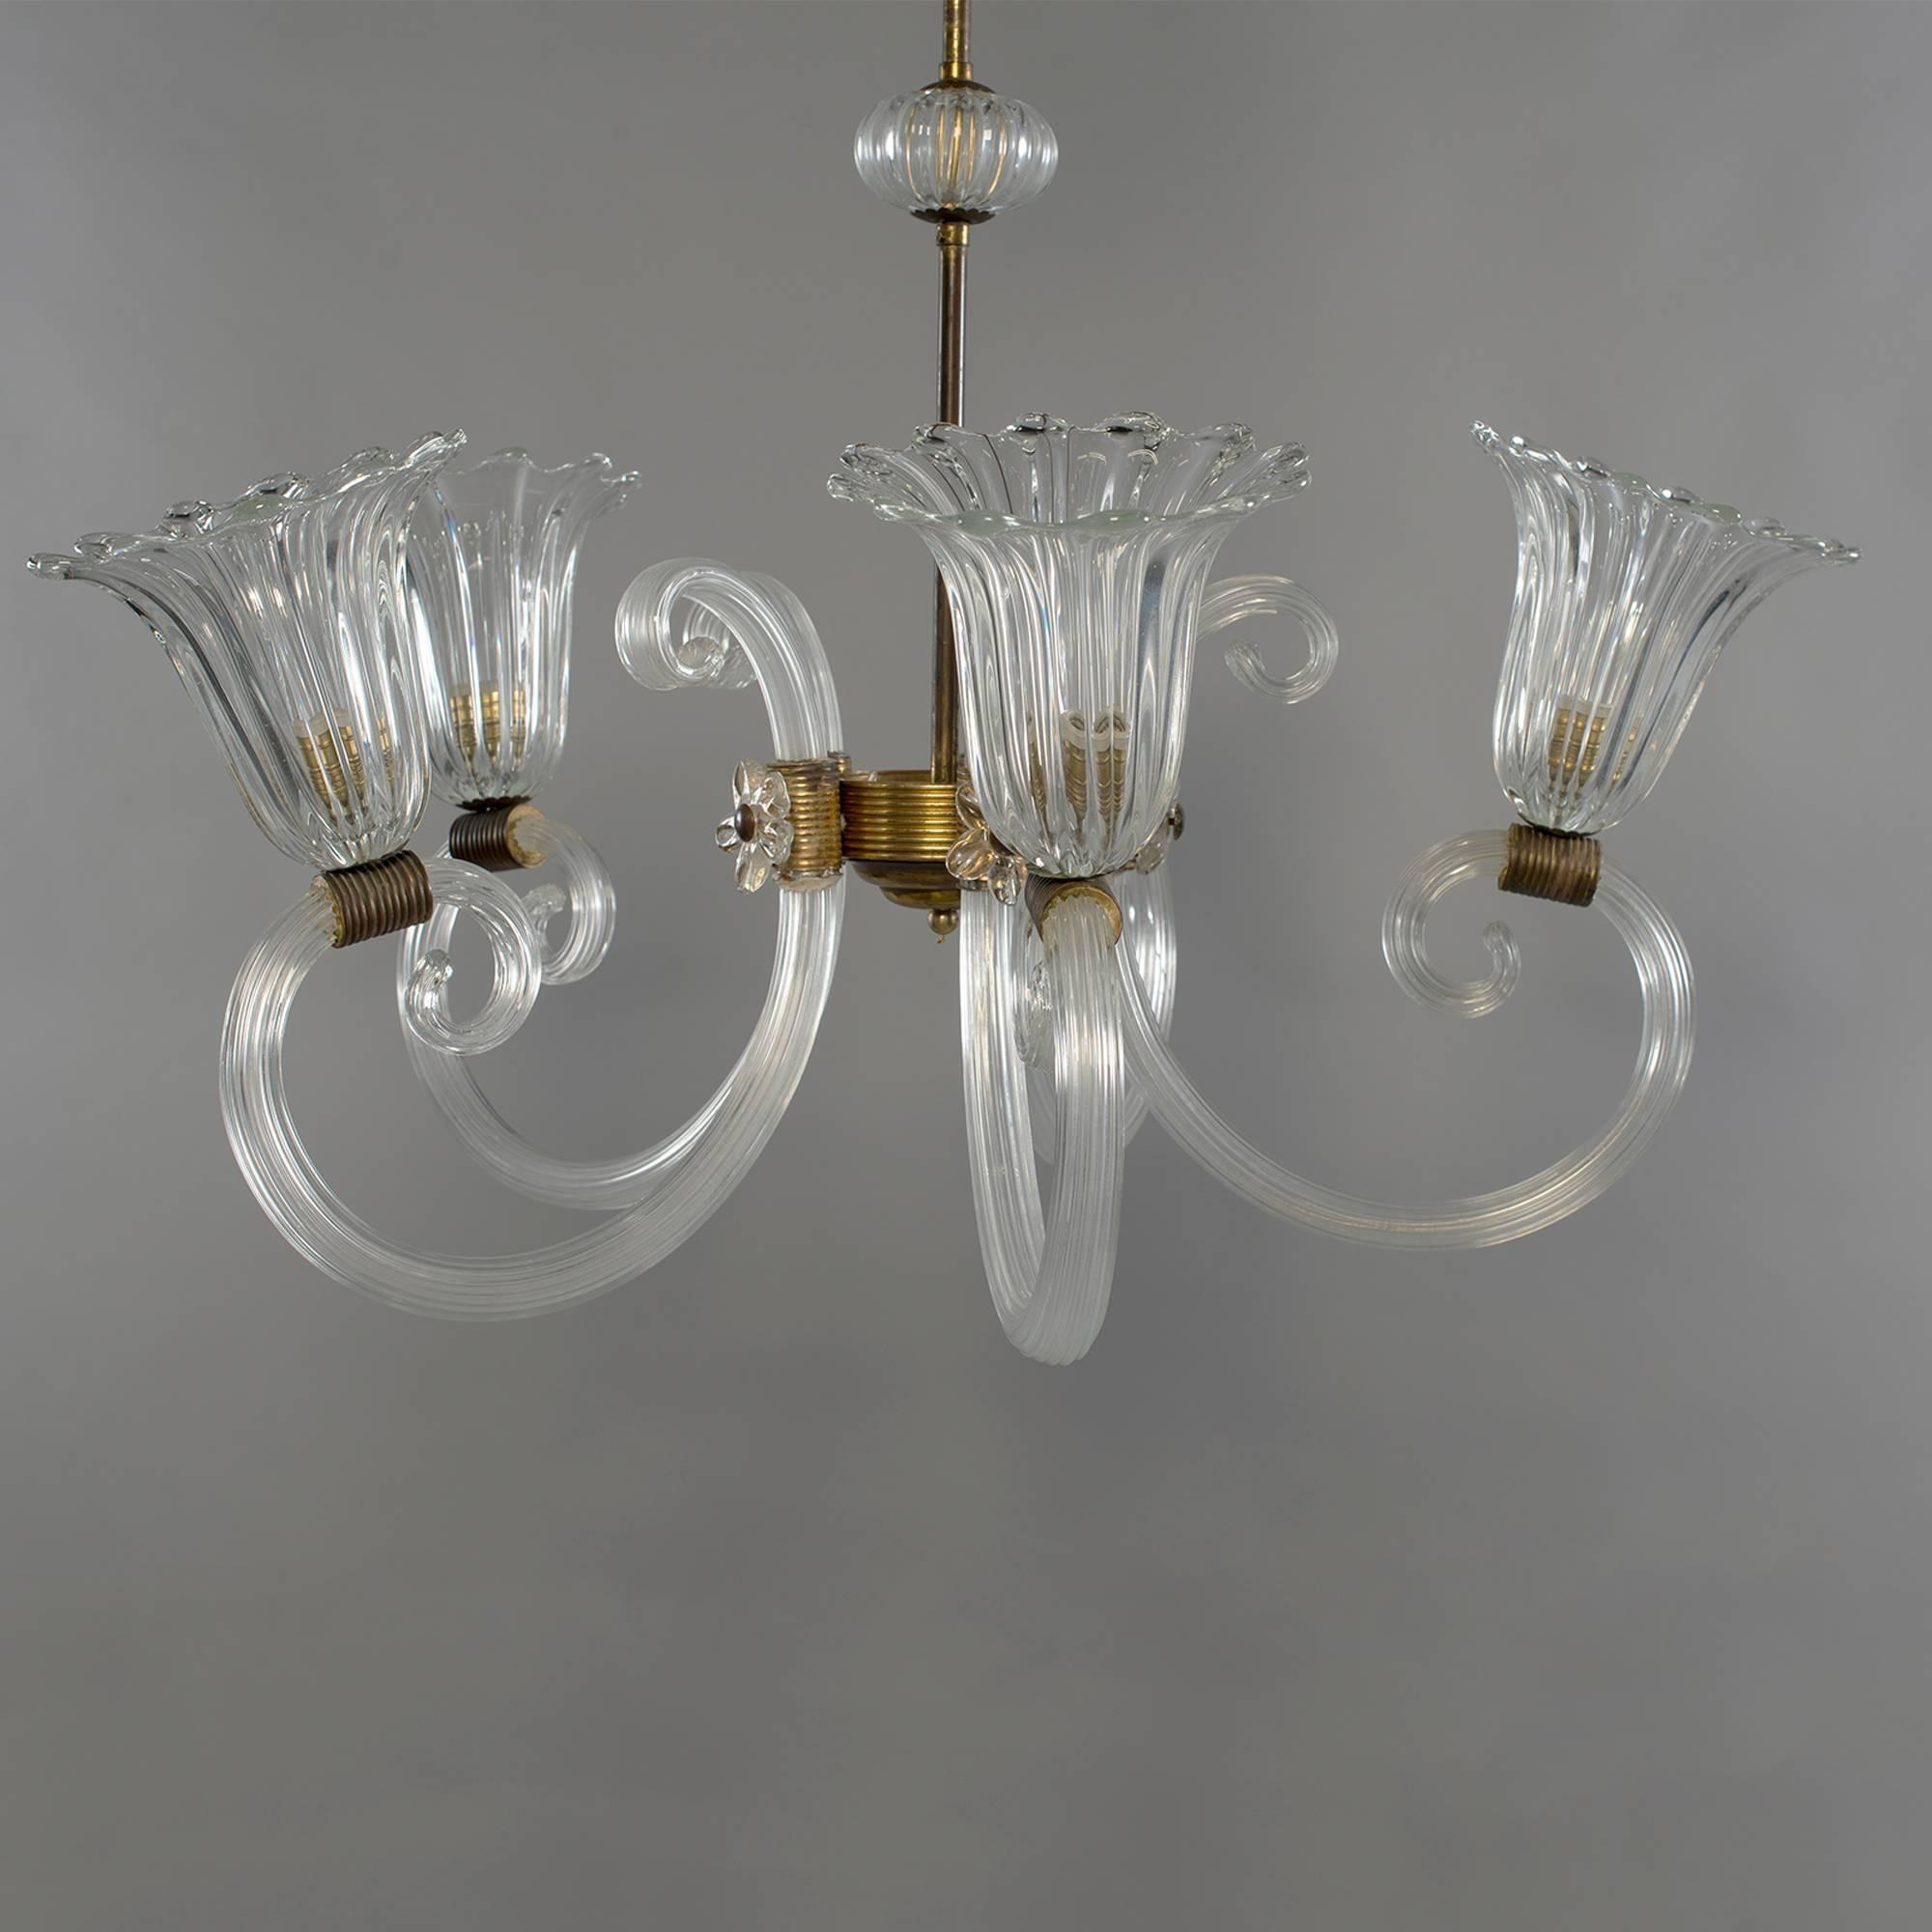 arts art for antique lighting aesthetic chandelier sake gas